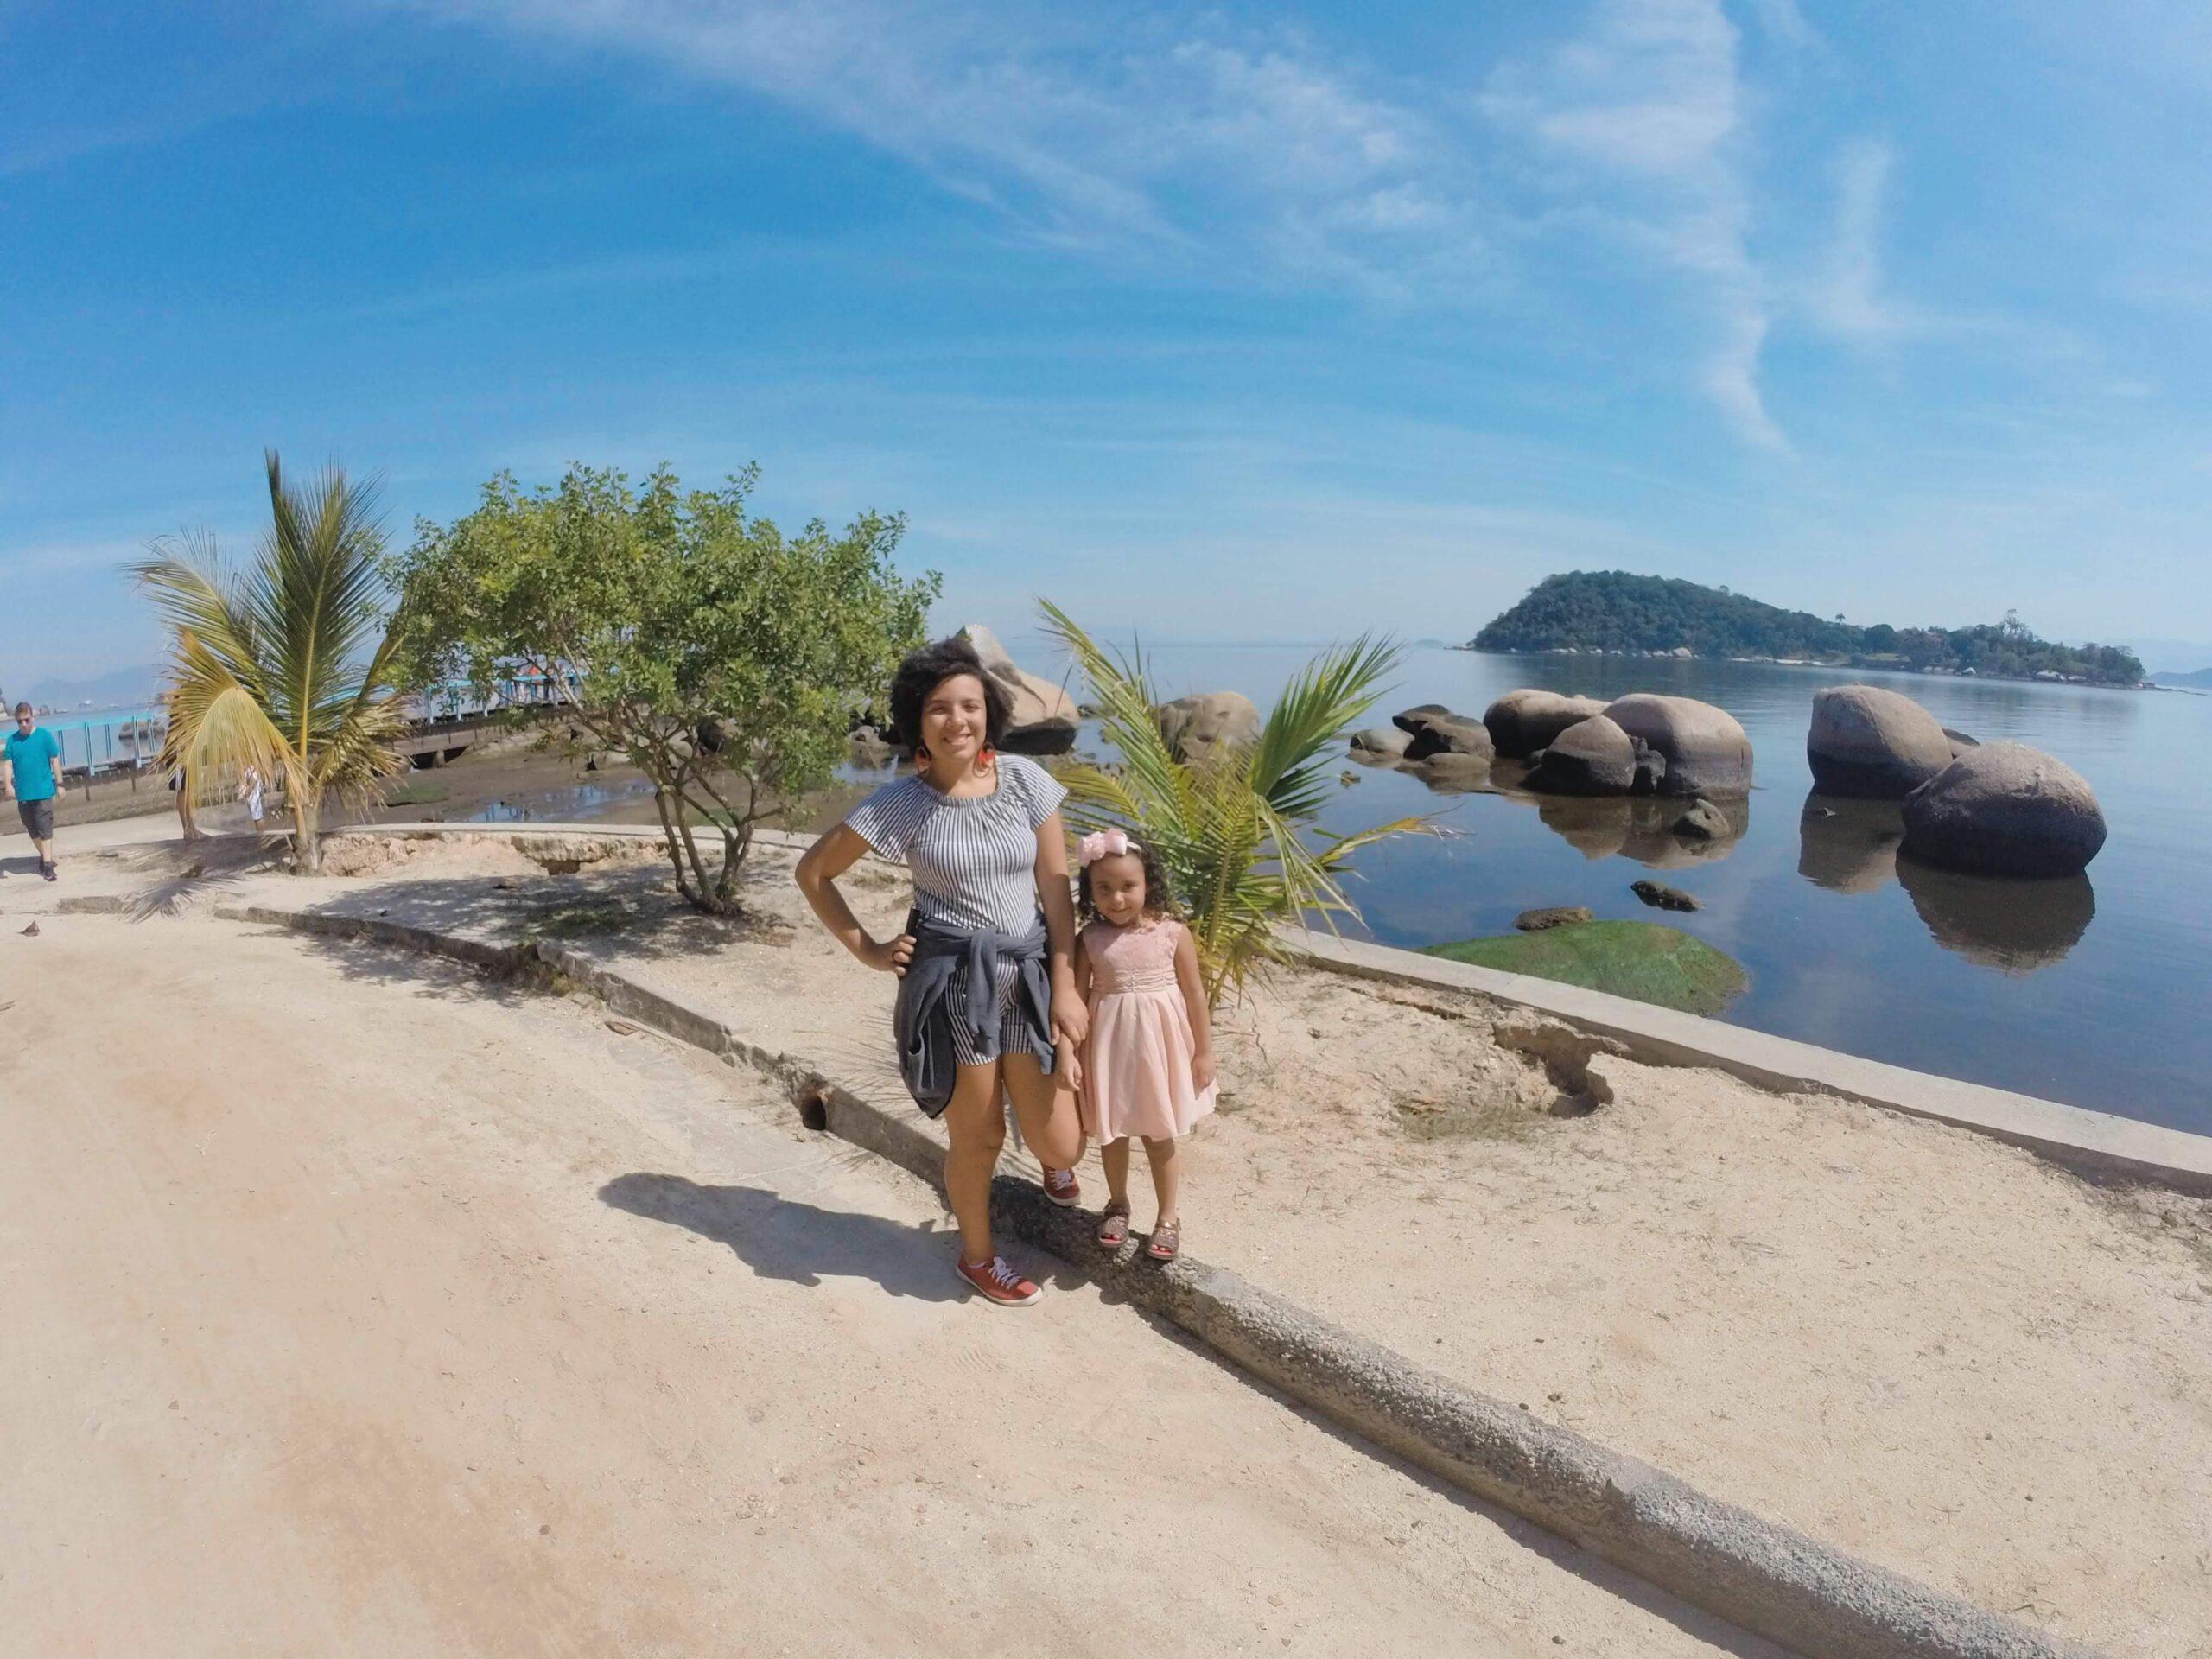 ilha de paqueta praia jose bonifacio